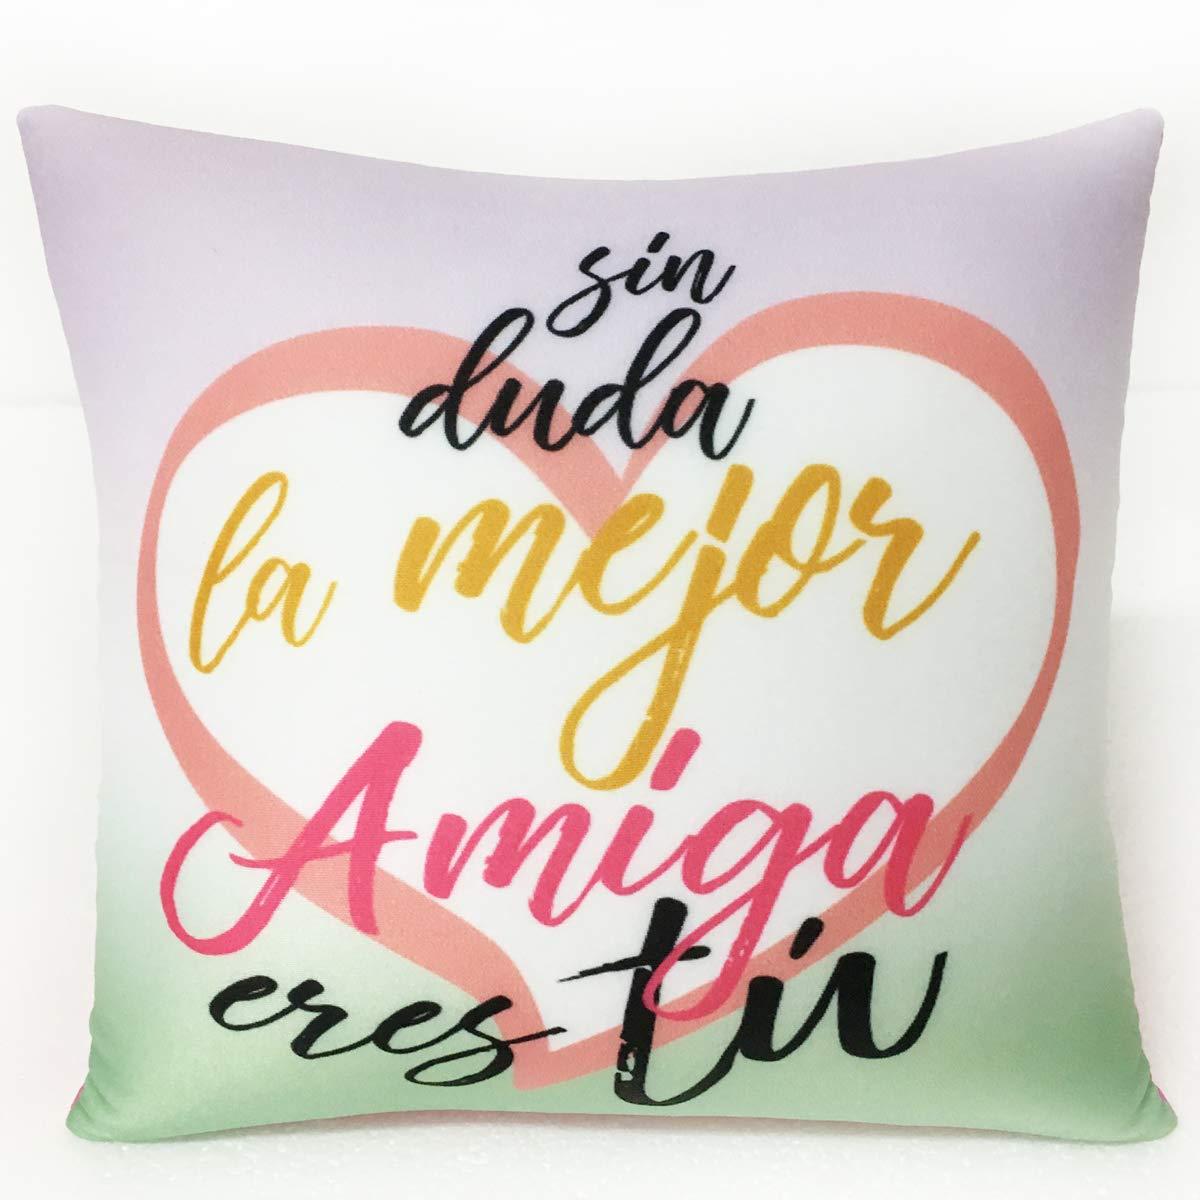 Artemodel-sin Duda Amiga cojín Lycra peq, Multicolor (1)